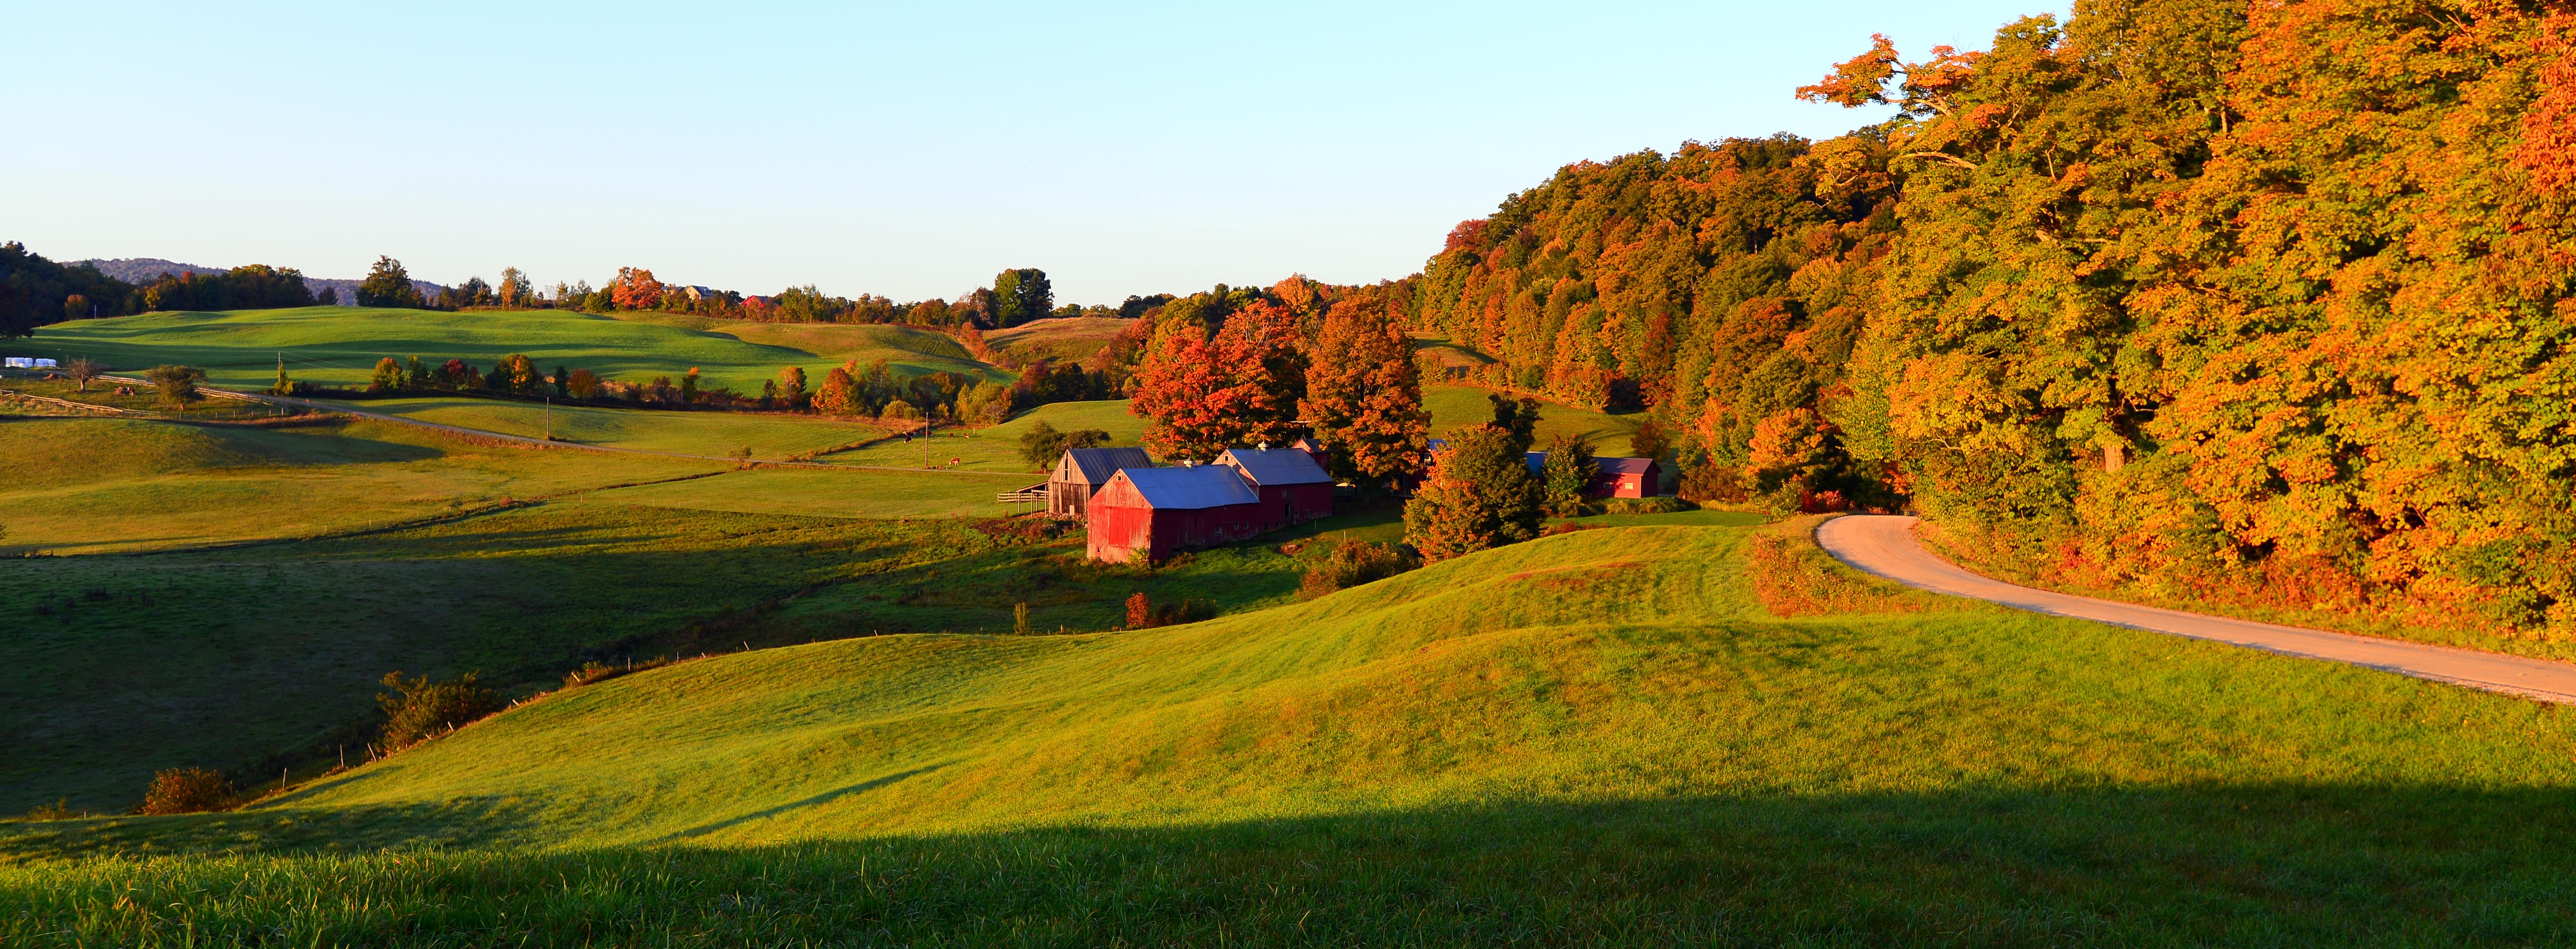 Vermont September 27, 2014 (39)a_19x7